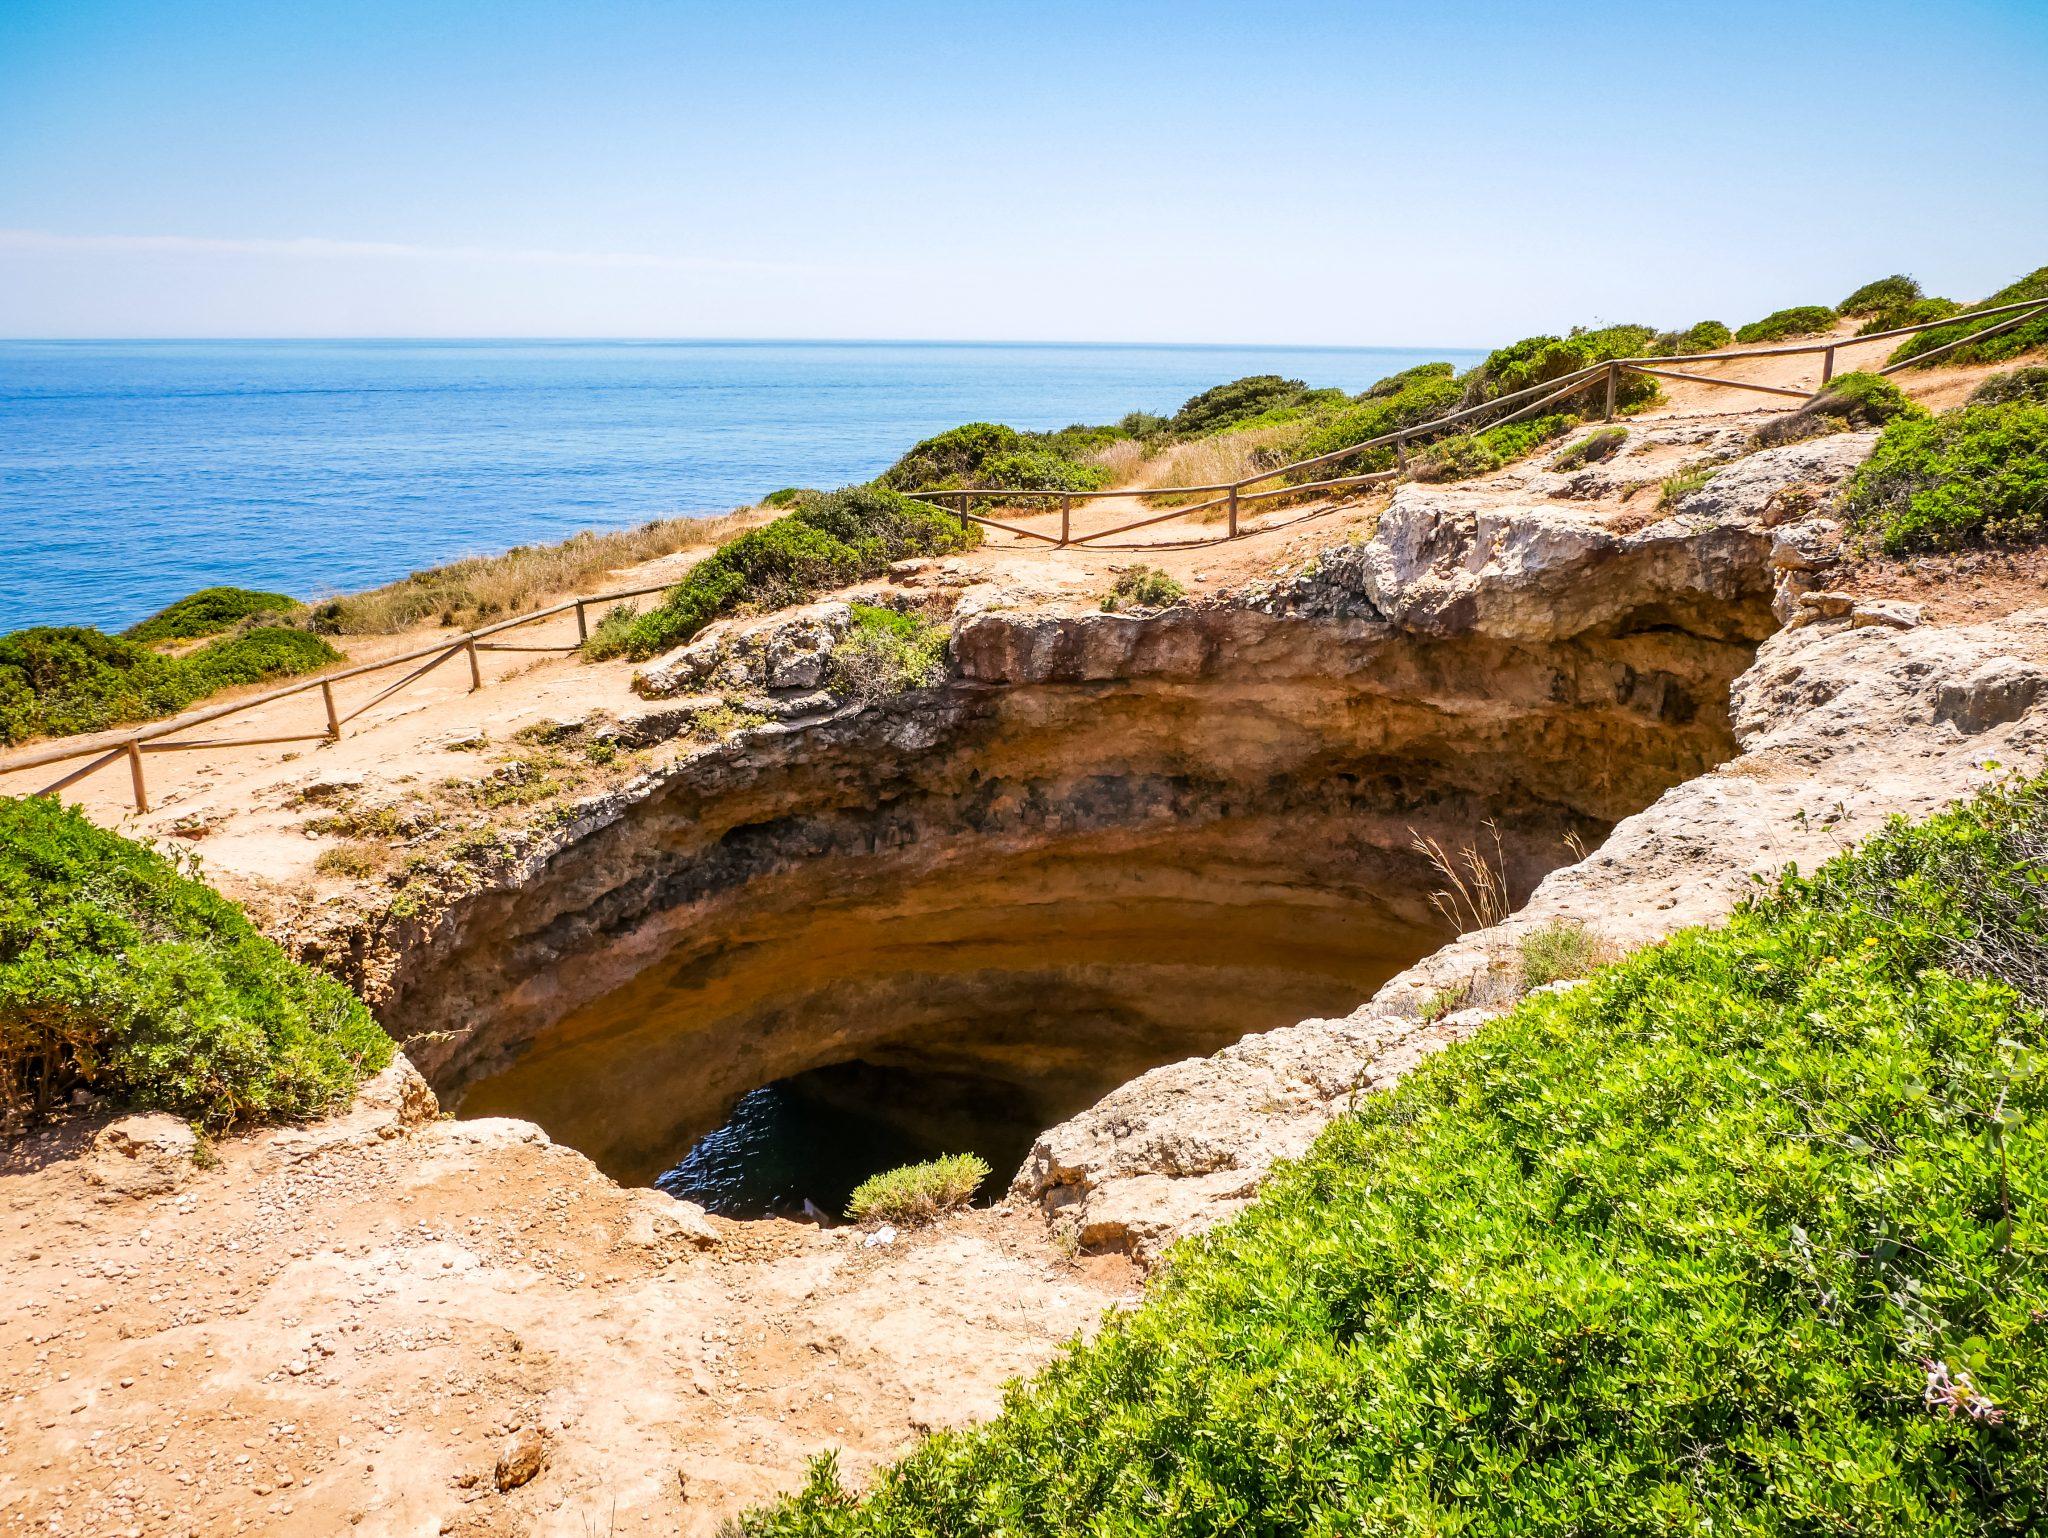 Auch von oben ist die berühmte Höhle Praia de Benagil bemerkenswert!